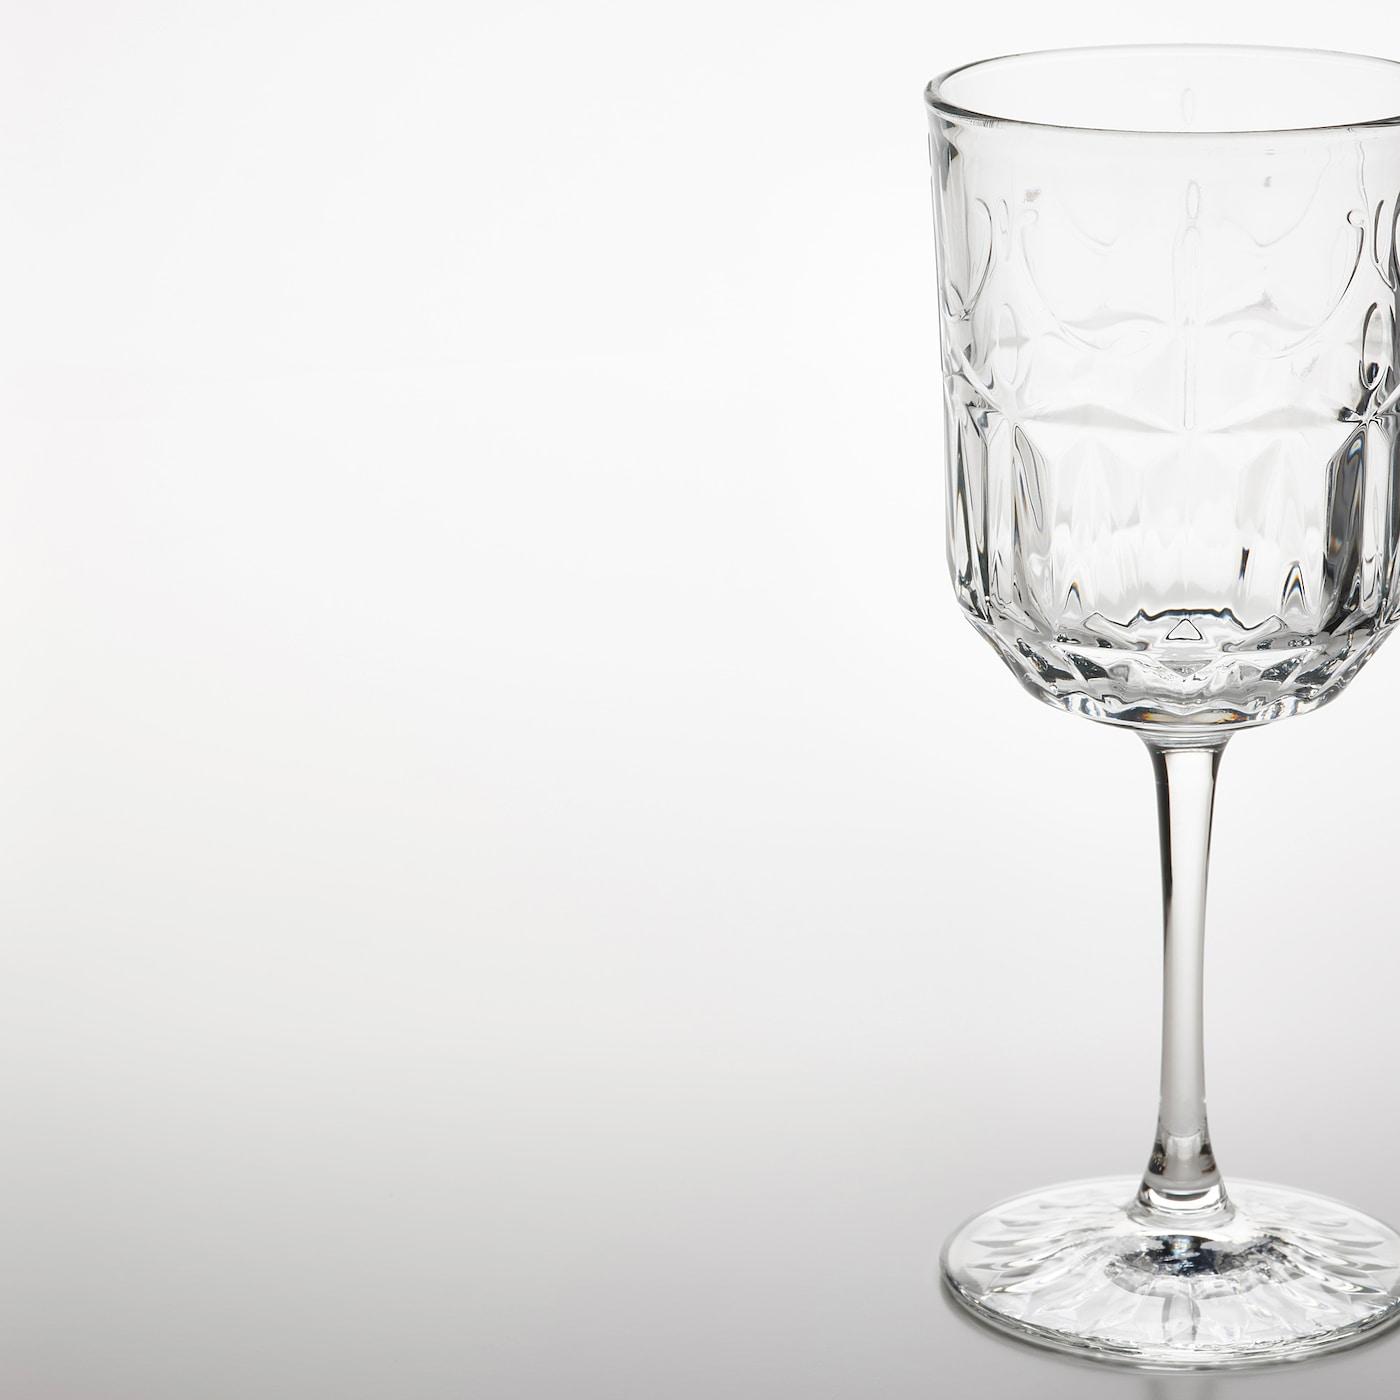 SÄLLSKAPLIG Weinglas, Klarglas/gemustert, 27 cl